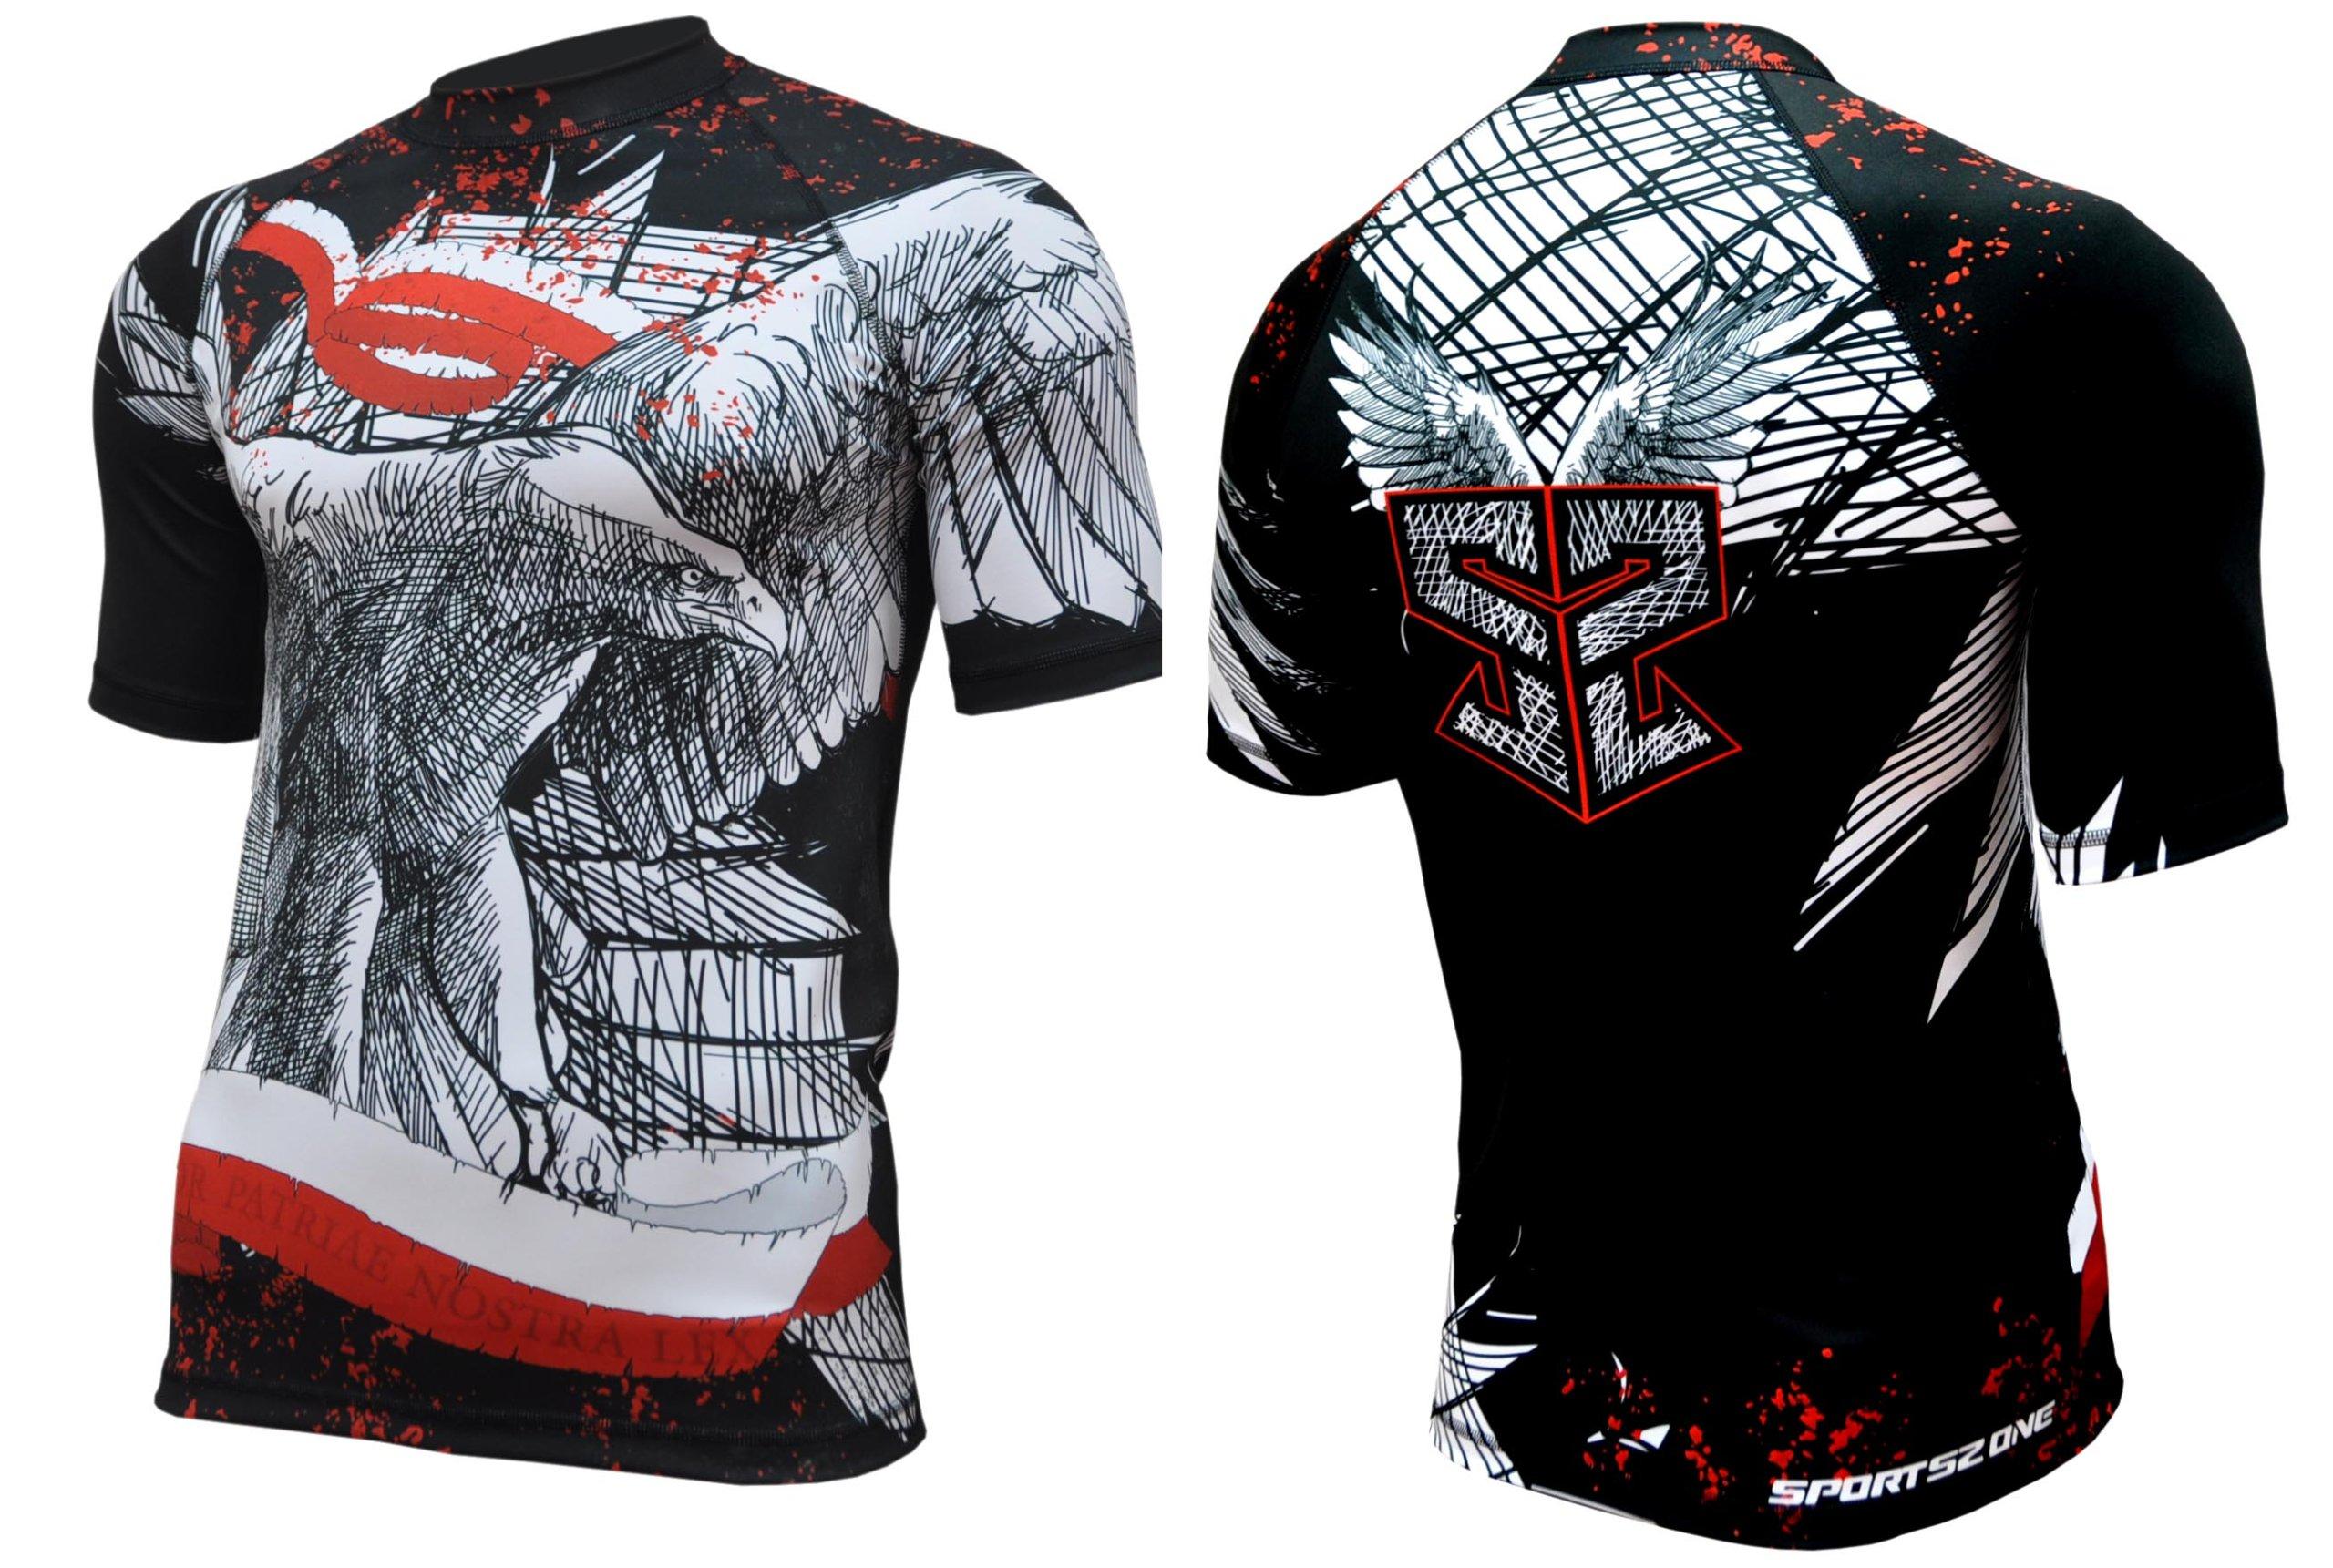 Termoaktívne tričko pre tréning. Pre bojové umenia.